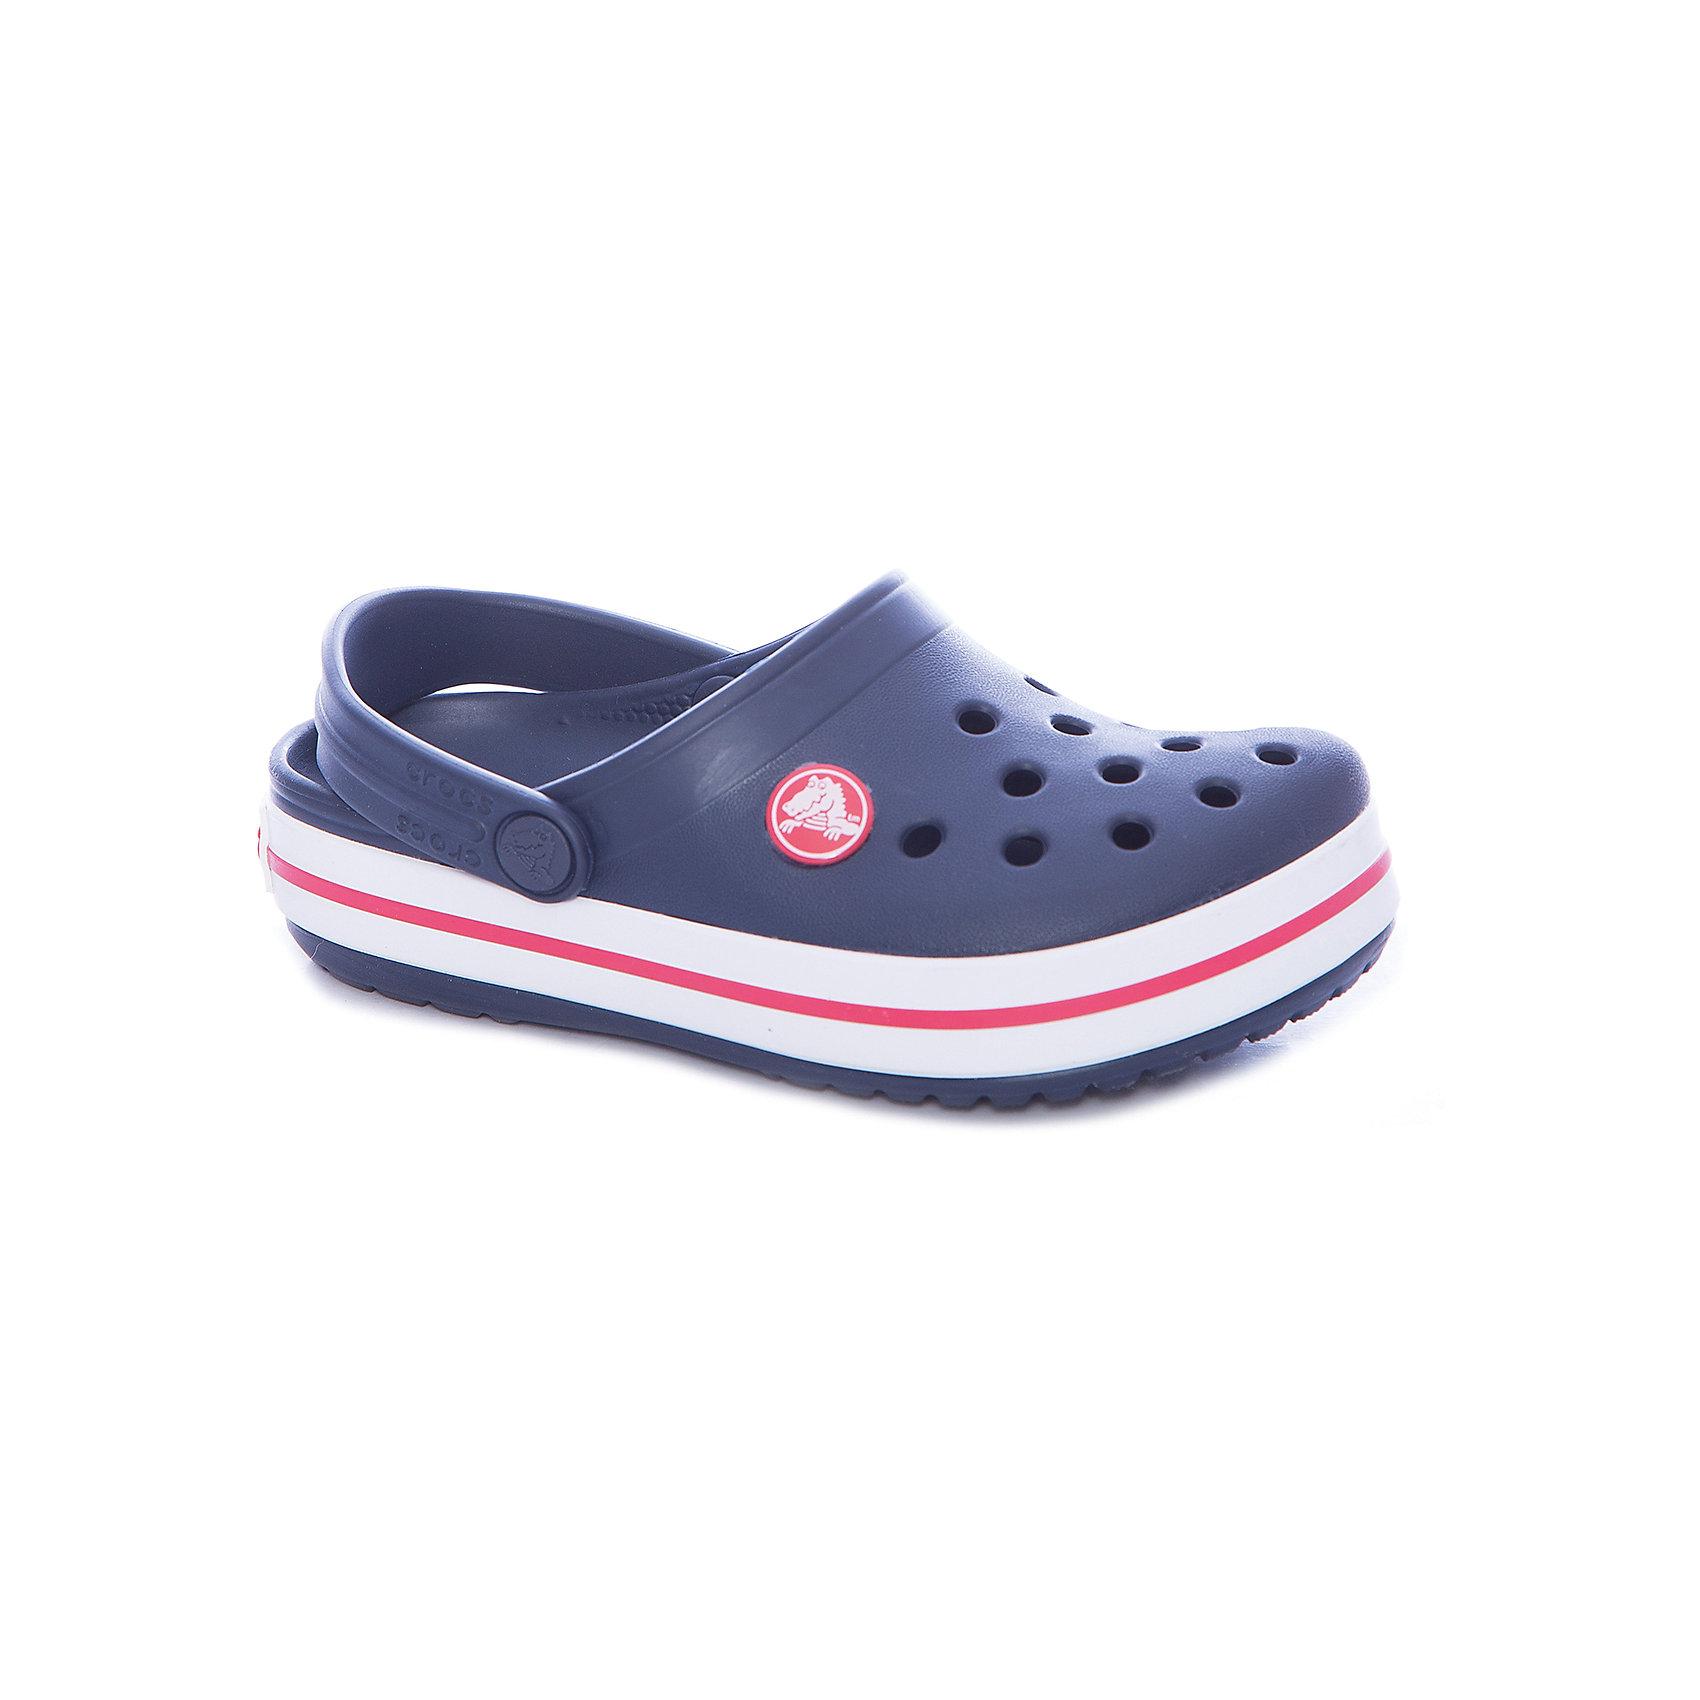 Сабо Crocband™ clog, синийПляжная обувь<br>Характеристики товара:<br><br>• цвет: синий<br>• материал: 100% полимер Croslite™<br>• литая модель<br>• вентиляционные отверстия<br>• бактериостатичный материал<br>• пяточный ремешок фиксирует стопу<br>• толстая устойчивая подошва<br>• отверстия для использования украшений<br>• анатомическая стелька с массажными точками стимулирует кровообращение<br>• страна бренда: США<br>• страна изготовитель: Китай<br><br>Для правильного развития ребенка крайне важно, чтобы обувь была удобной. <br><br>Такие сабо обеспечивают детям необходимый комфорт, а анатомическая стелька с массажными линиями для стимуляции кровообращения позволяет ножкам дольше не уставать. <br><br>Сабо легко надеваются и снимаются, отлично сидят на ноге. <br><br>Материал, из которого они сделаны, не дает размножаться бактериям, поэтому такая обувь препятствует образованию неприятного запаха и появлению болезней стоп.<br><br>Обувь от американского бренда Crocs в данный момент завоевала широкую популярность во всем мире, и это не удивительно - ведь она невероятно удобна. <br><br>Её носят врачи, спортсмены, звёзды шоу-бизнеса, люди, которым много времени приходится бывать на ногах - они понимают, как важна комфортная обувь. <br><br>Продукция Crocs - это качественные товары, созданные с применением новейших технологий. <br><br>Обувь отличается стильным дизайном и продуманной конструкцией. <br><br>Изделие производится из качественных и проверенных материалов, которые безопасны для детей.<br><br>Сабо Crocband™ clog от торговой марки Crocs можно купить в нашем интернет-магазине.<br><br>Ширина мм: 225<br>Глубина мм: 139<br>Высота мм: 112<br>Вес г: 290<br>Цвет: синий<br>Возраст от месяцев: 36<br>Возраст до месяцев: 48<br>Пол: Унисекс<br>Возраст: Детский<br>Размер: 27,28,29,30,21,22,23,24,25,26,31/32,33/34,34/35<br>SKU: 5416468